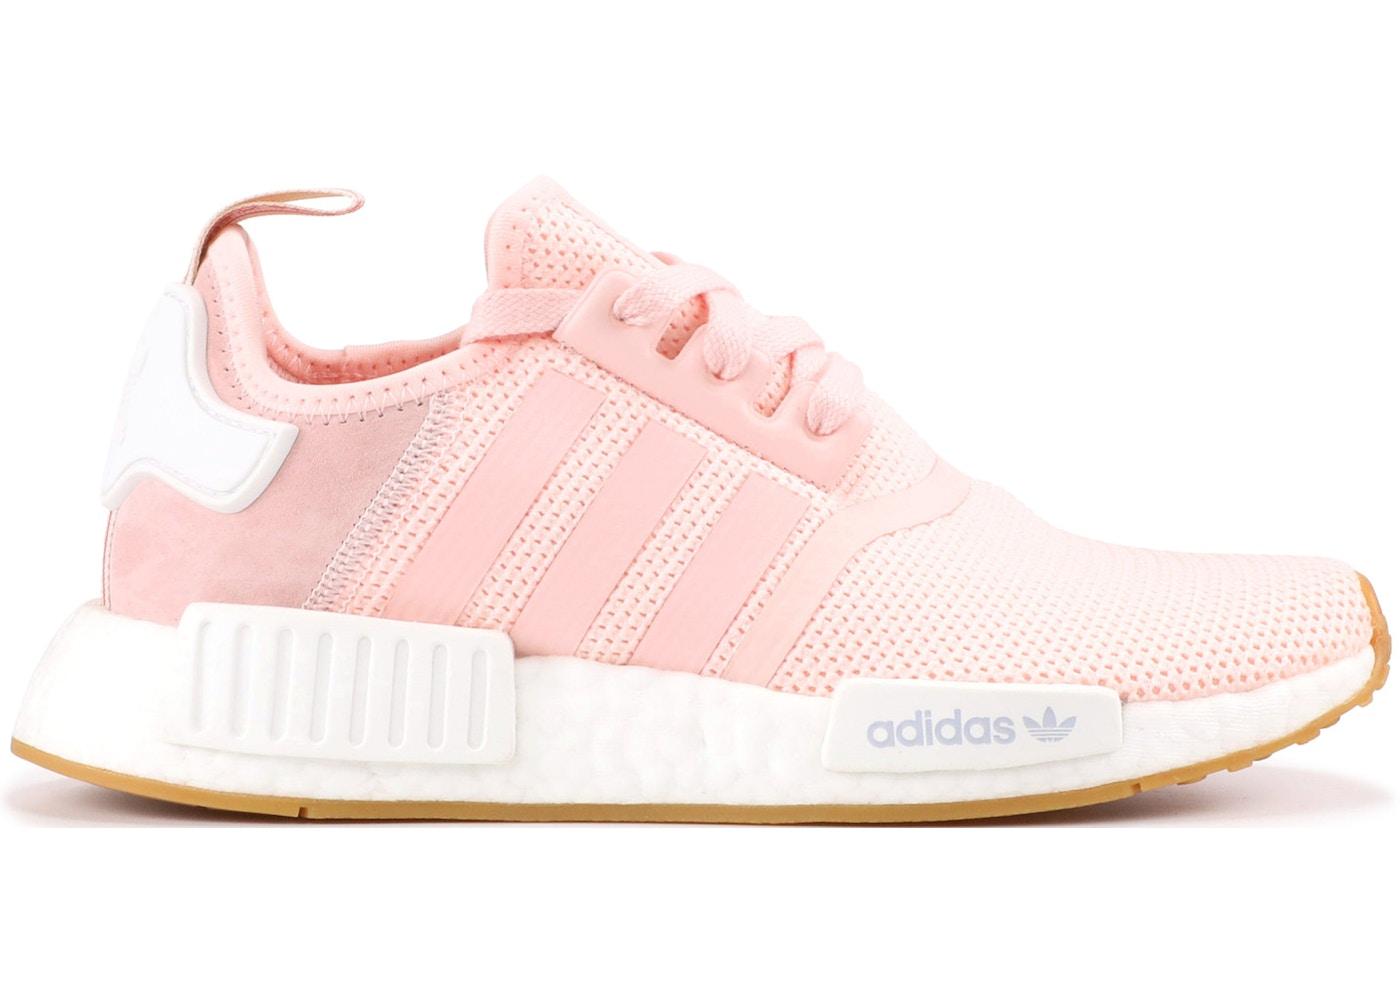 Adidas Nmd R1 Pink Gum W Bb7588